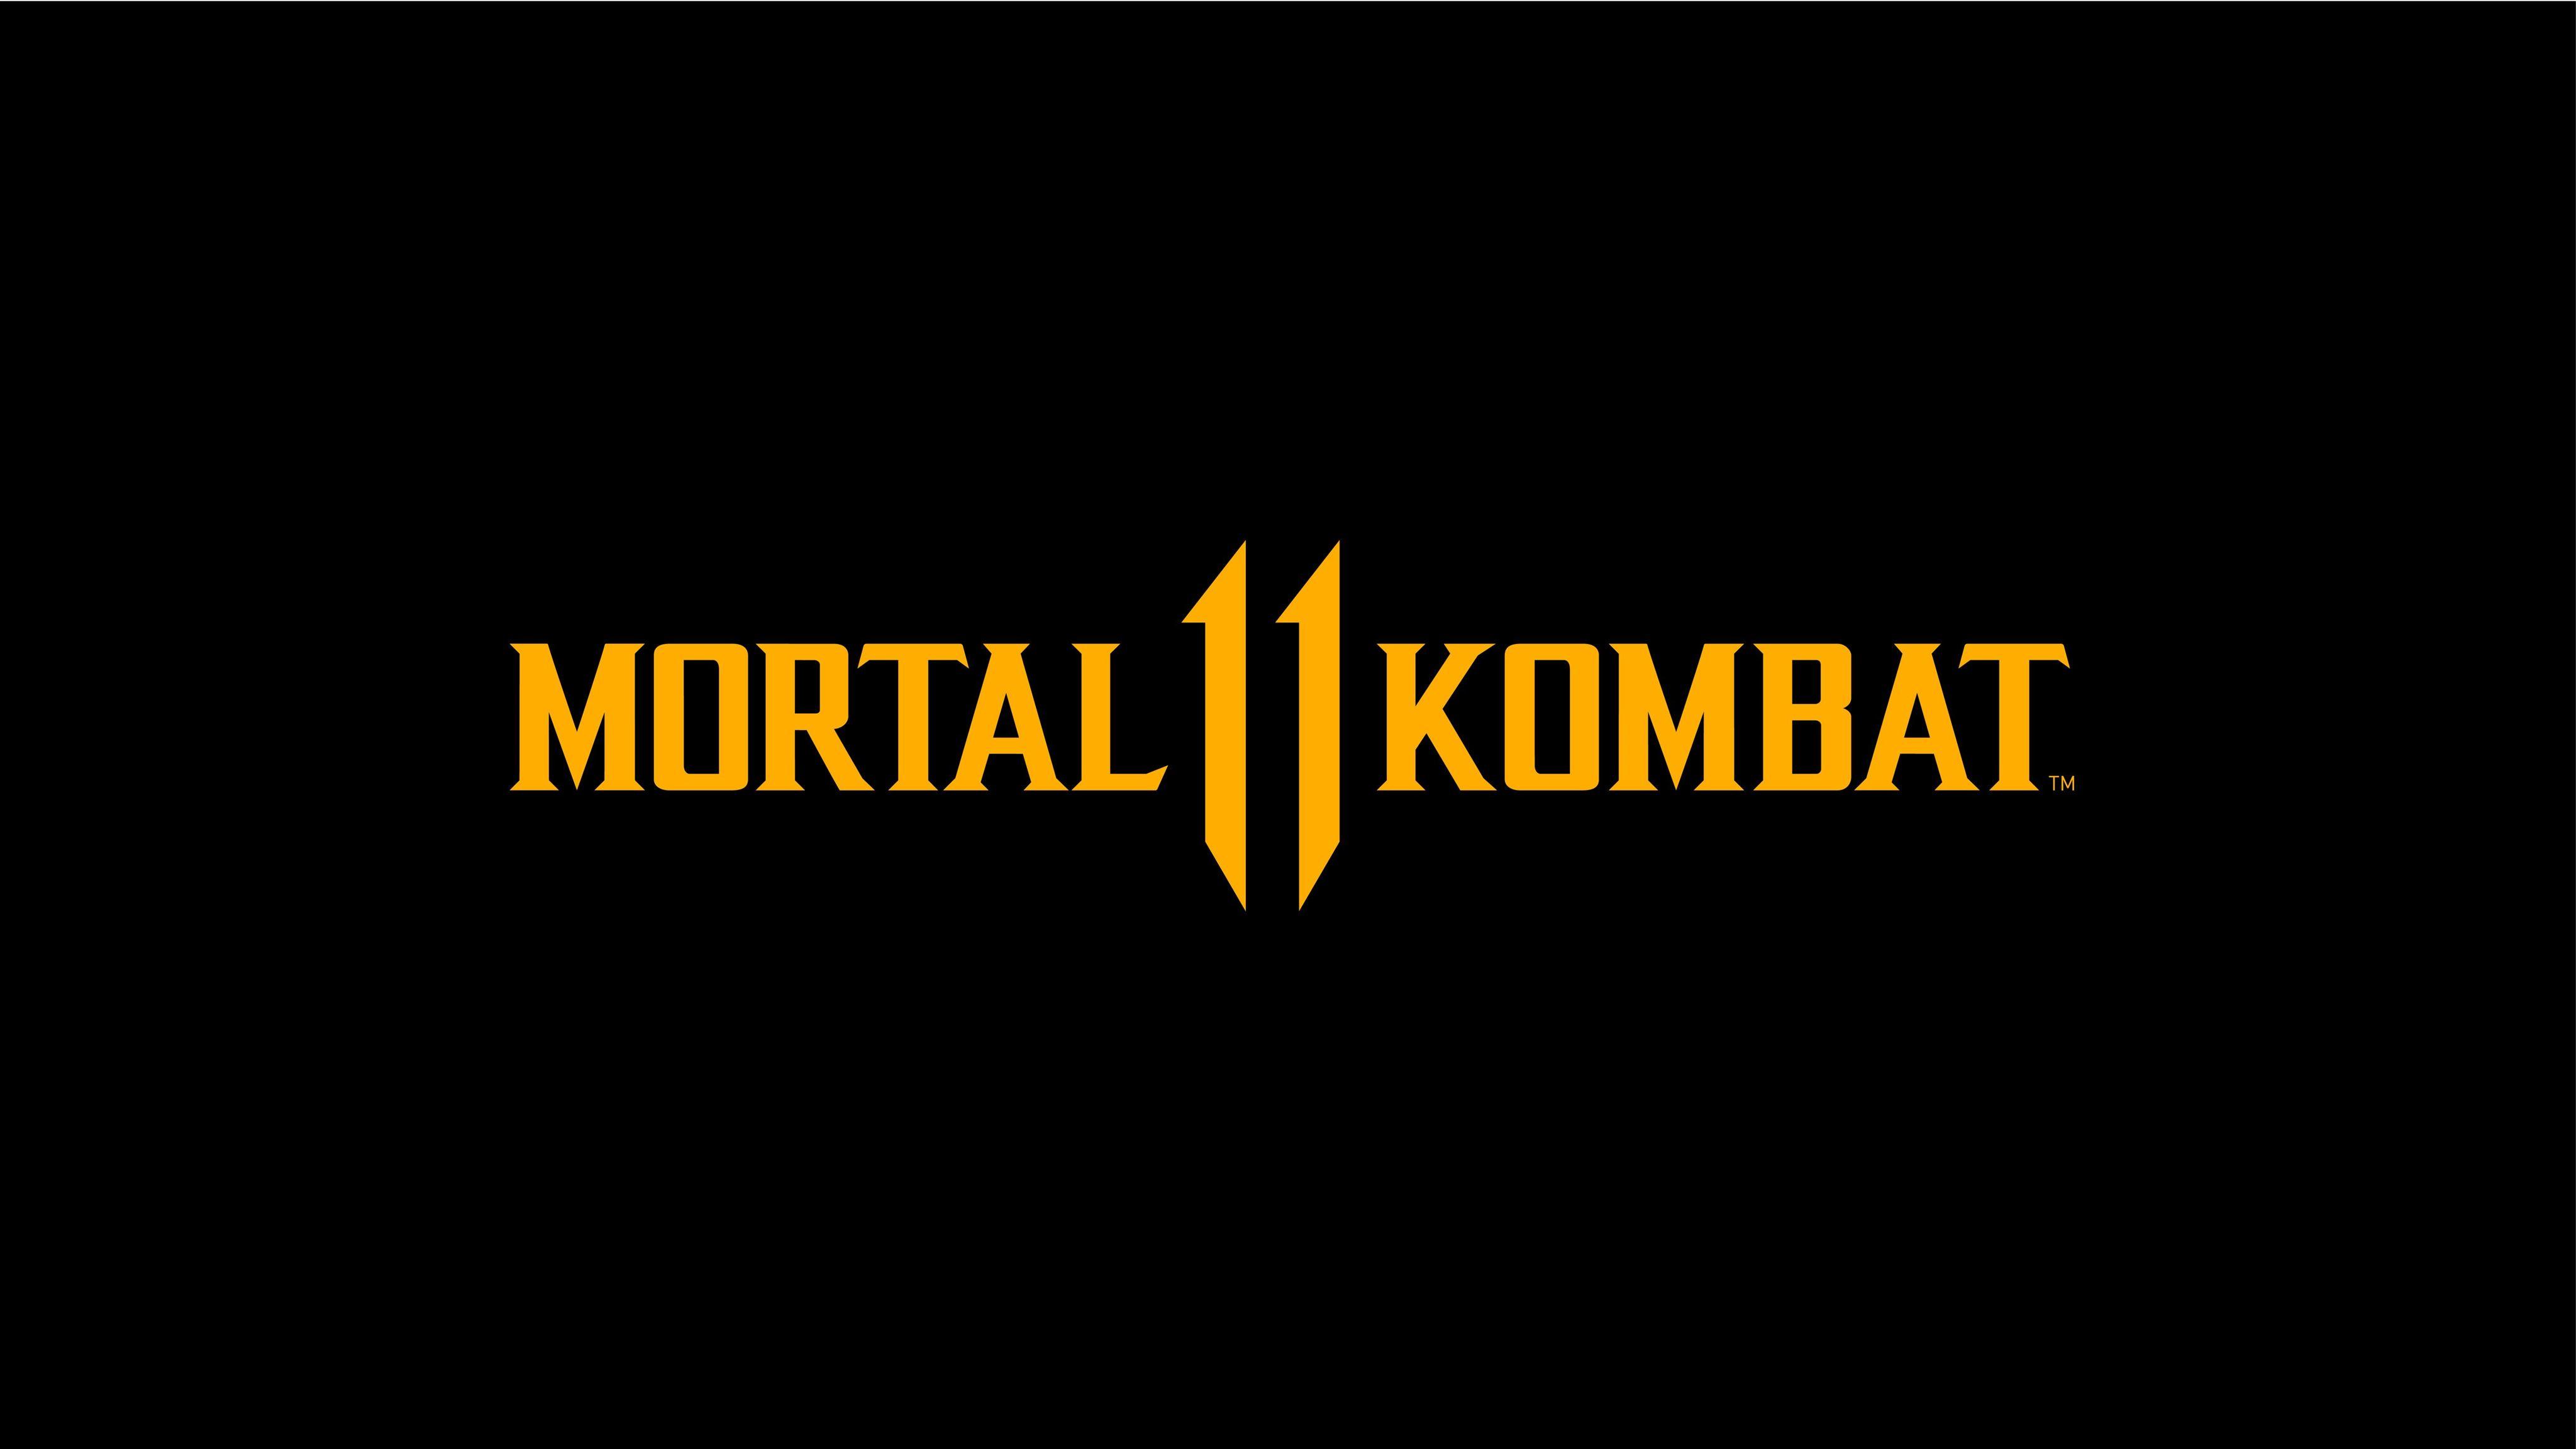 Mortal Kombat 11 Logo Dark Black 8k Macbook Air Wallpaper Download